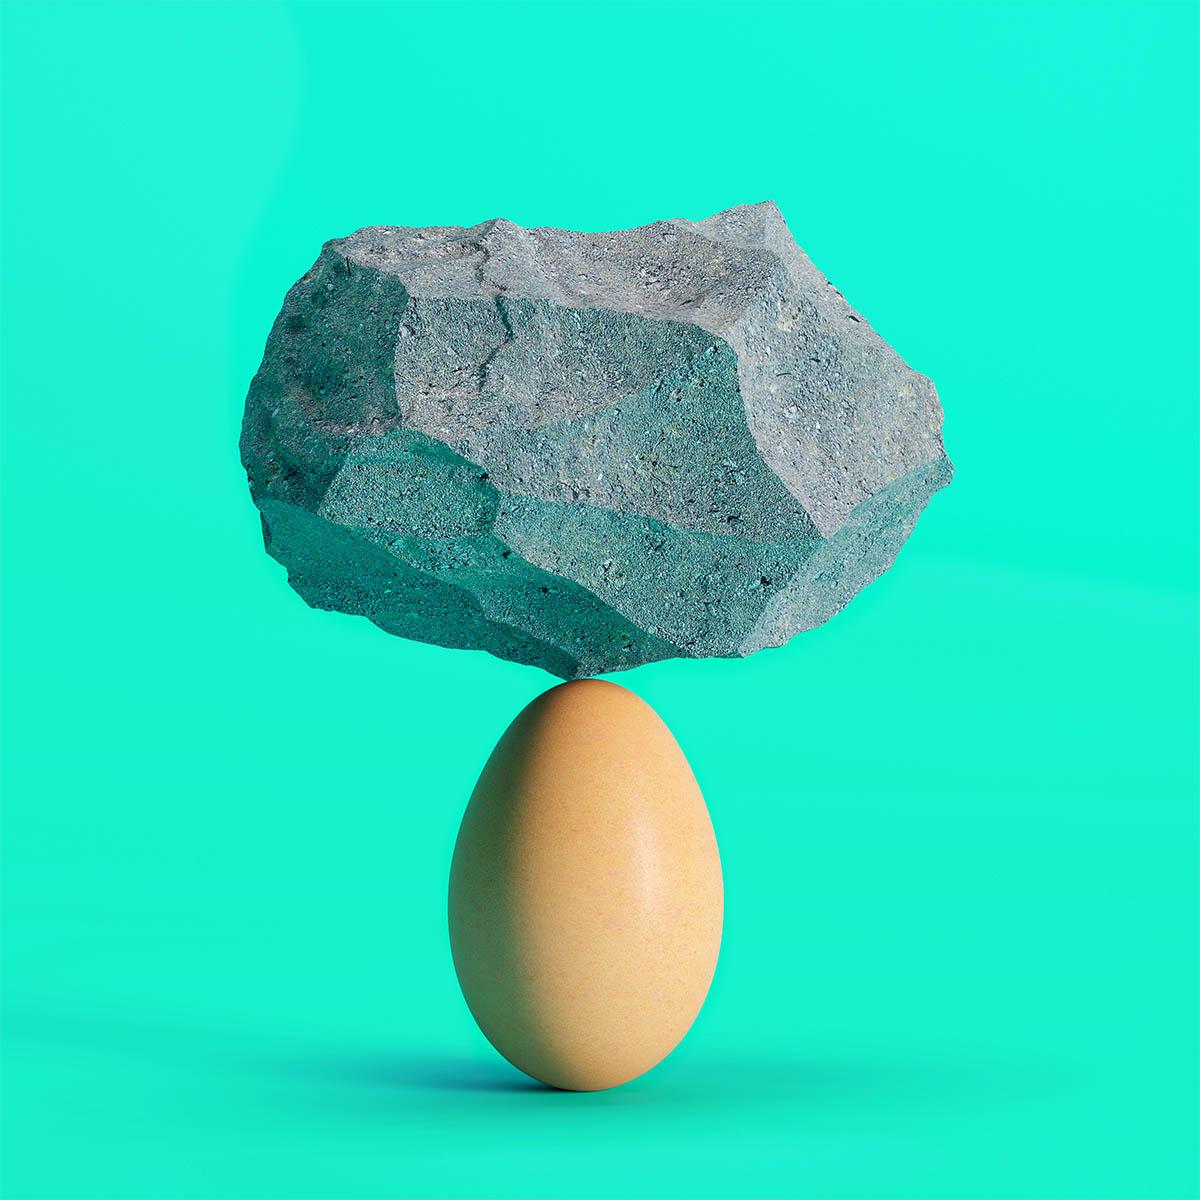 huevo-piedra-equilibrio-web-la central badiola